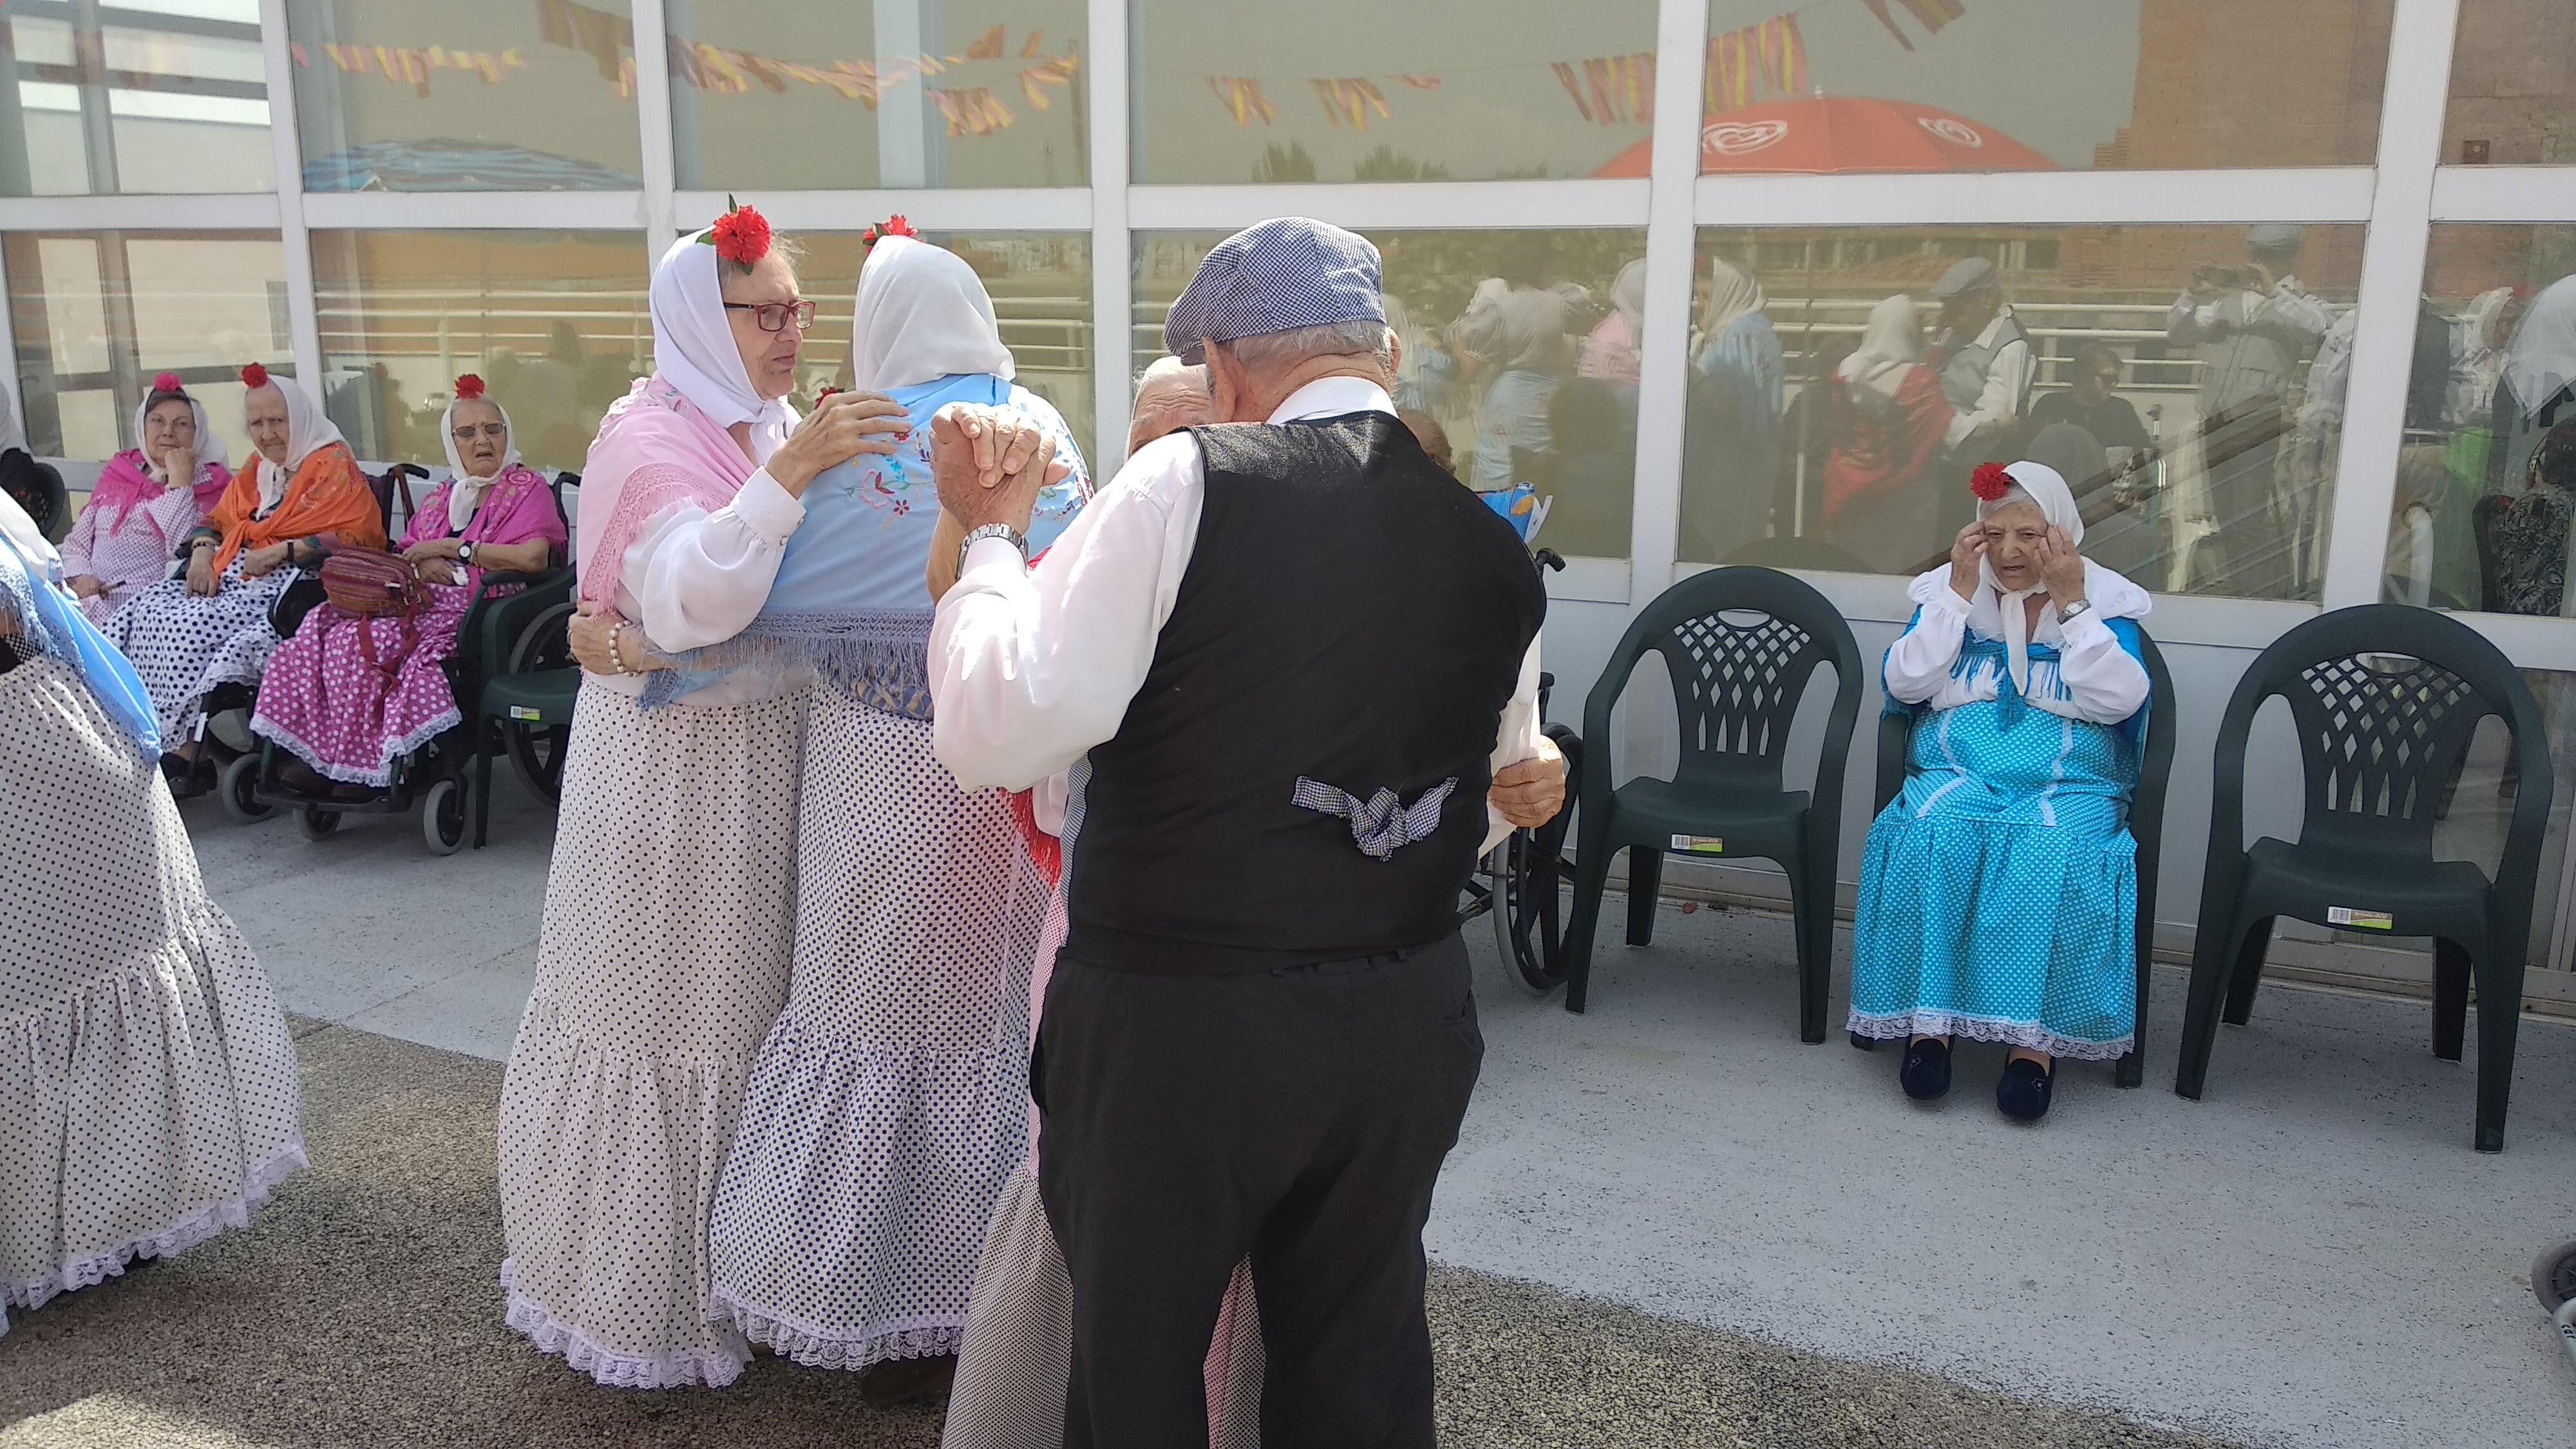 La Residencia Urbanización de Mayores celebra las Fiestas de San Isidro